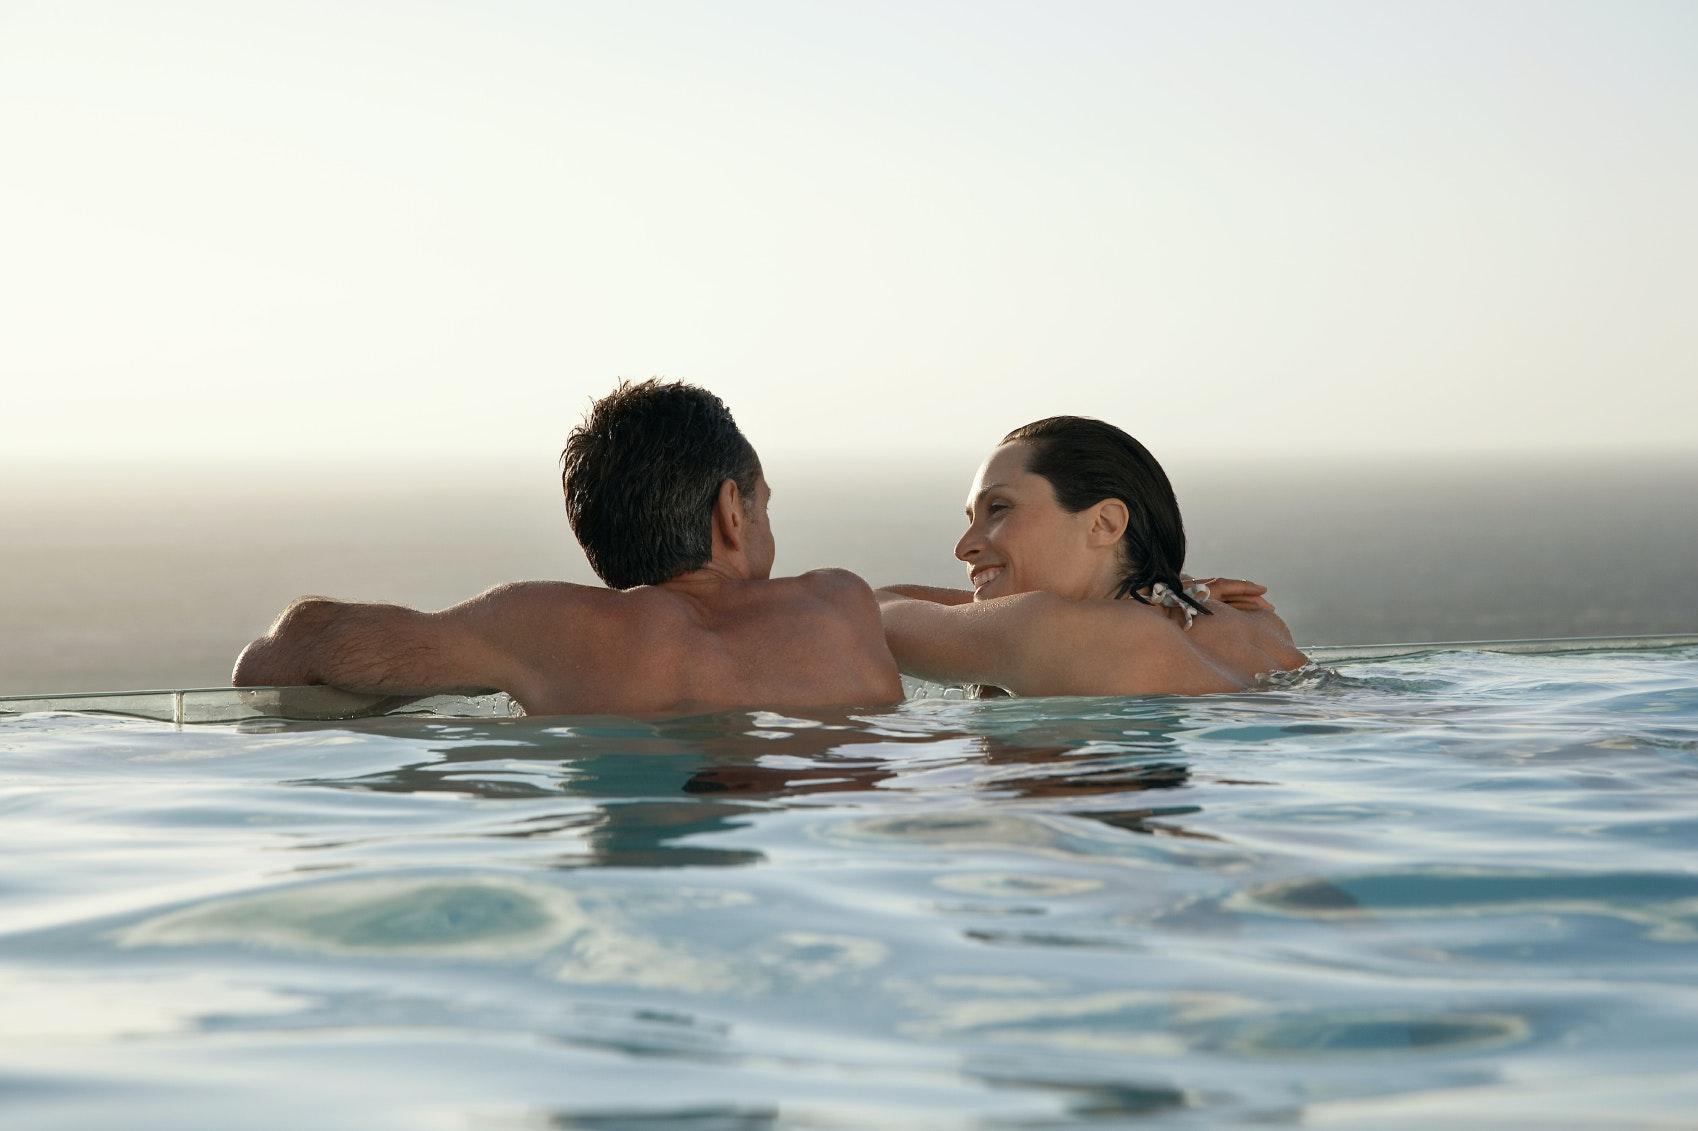 sexhistorier godnathistorie fraek leg i vandkanten